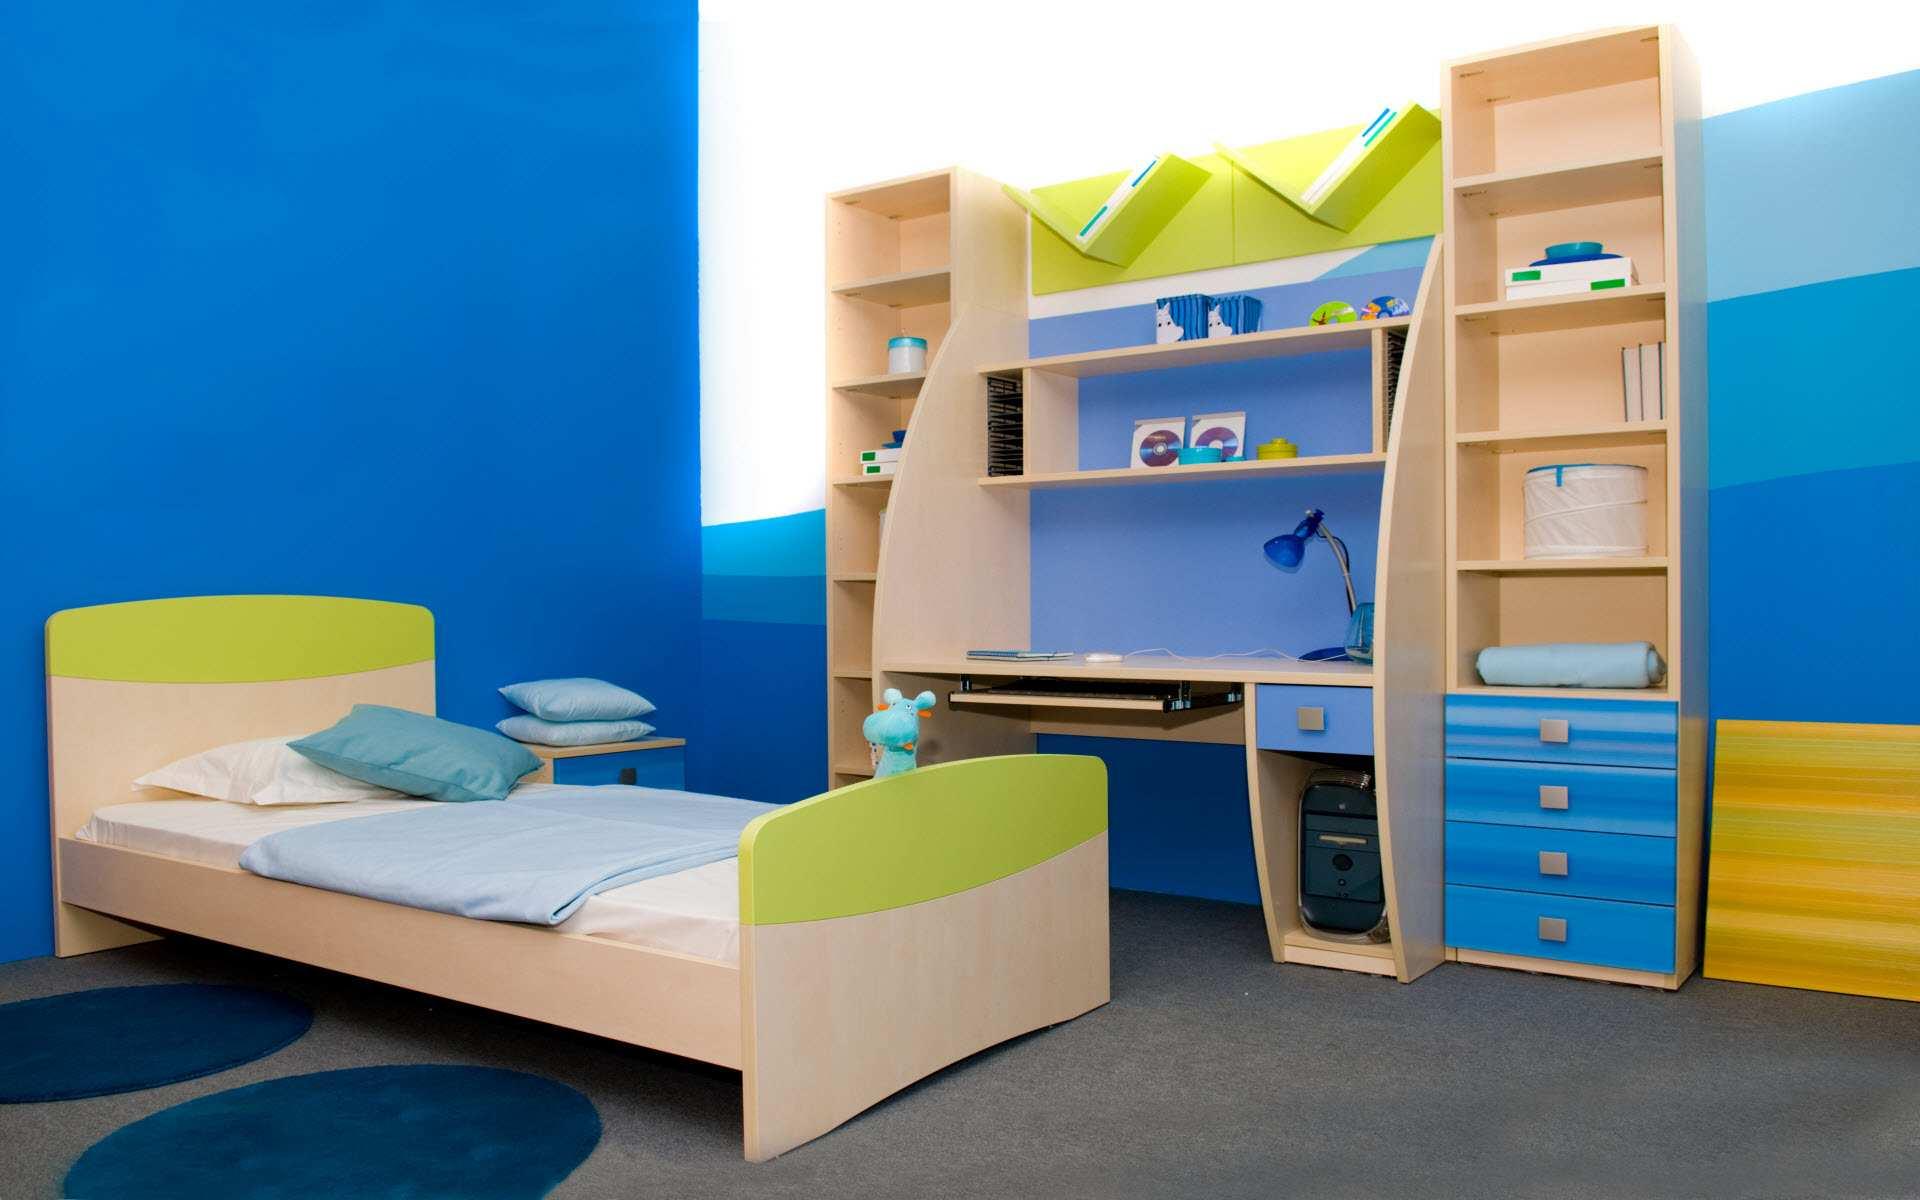 صور غرف اطفال اولاد , تصميمات مودرن لغرف الاولاد